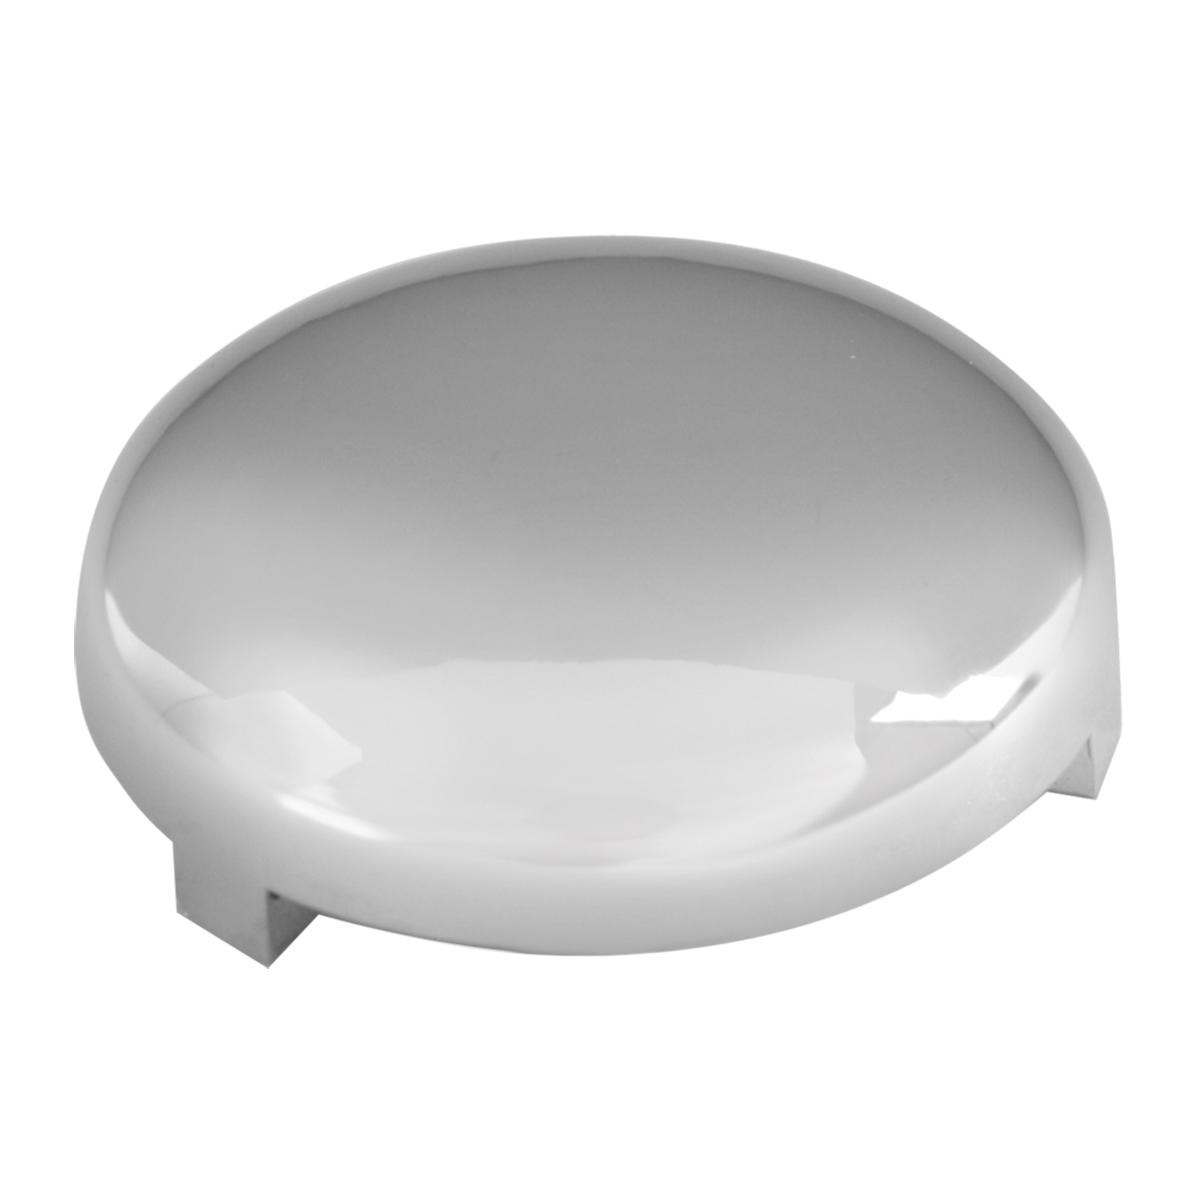 51991 Chrome Plastic Interior Vinyl Button Cover Set for Freightliner & International